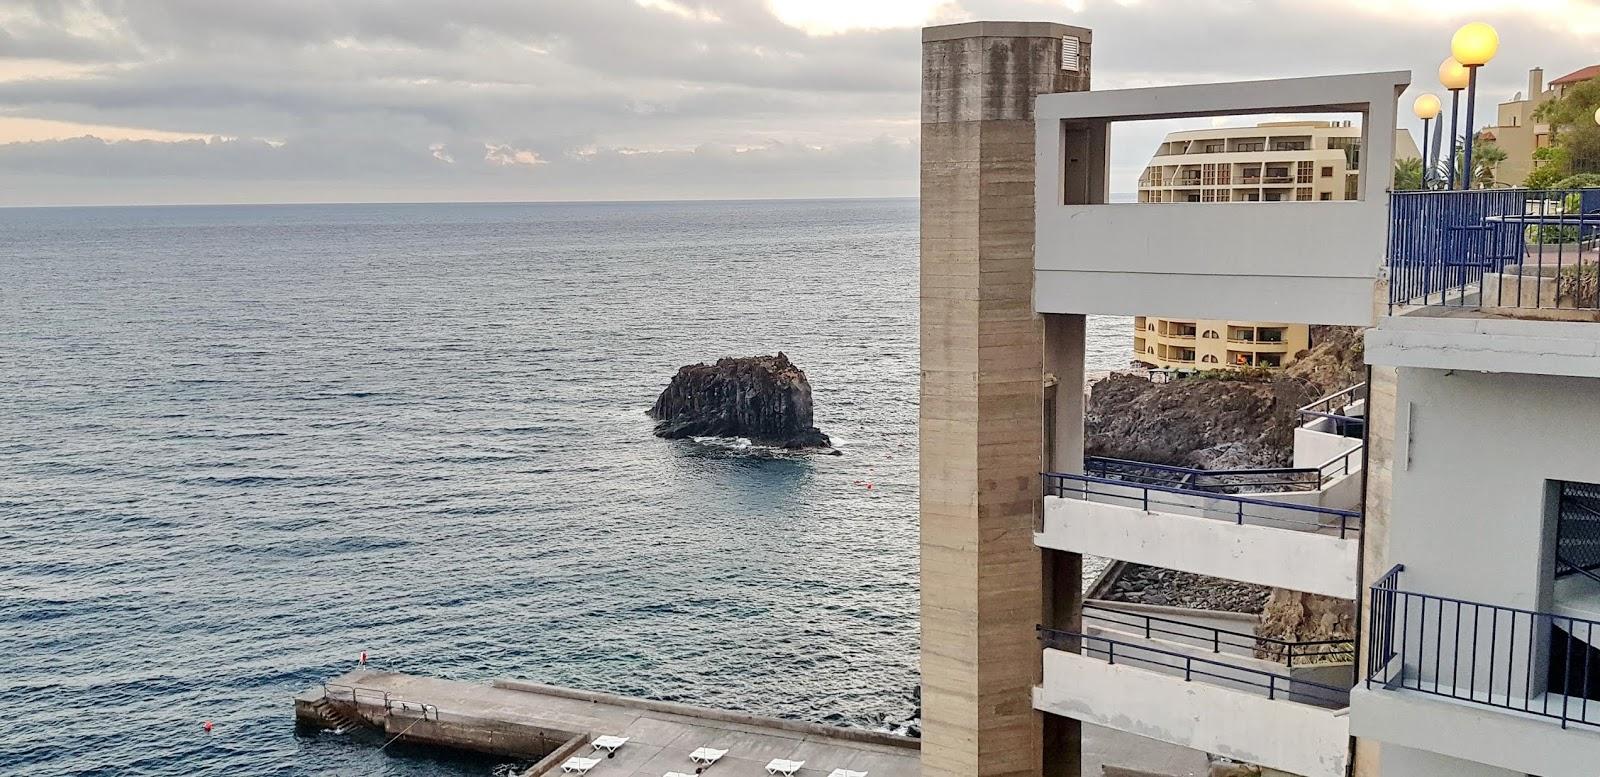 o Clube de Turismo da Madeira